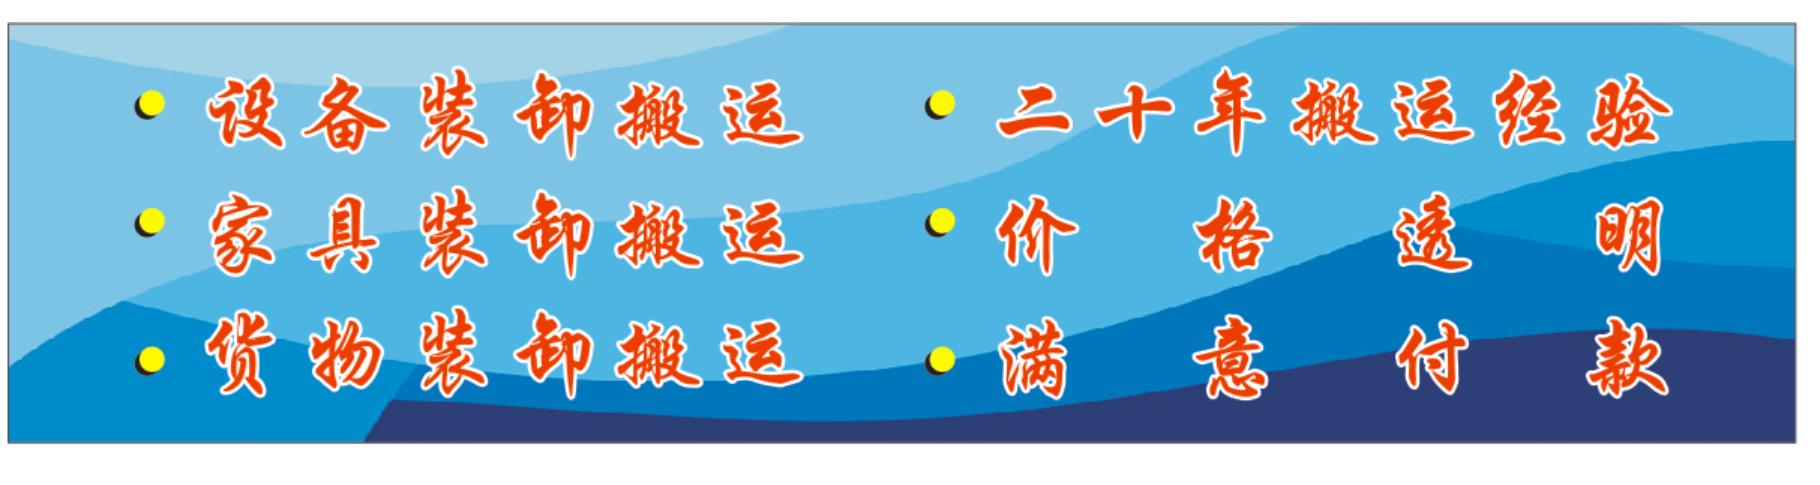 广州专业搬家搬货公司,就近安排,高效快速,随叫随到